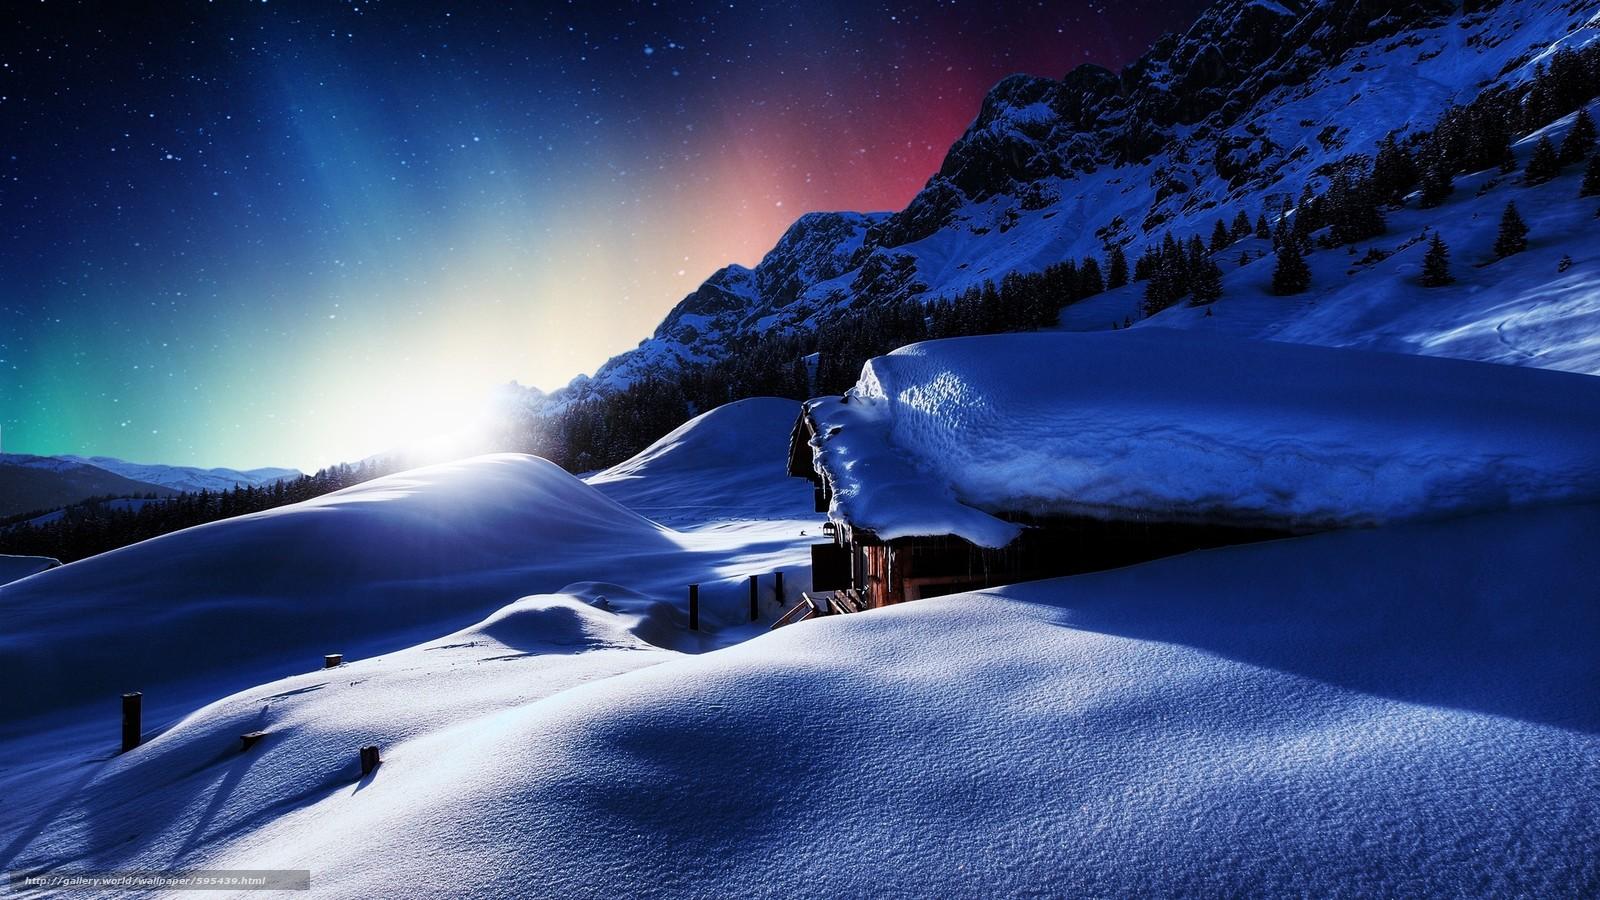 Скачать обои закат,  домик,  горы,  зима бесплатно для рабочего стола в разрешении 2560x1440 — картинка №595439